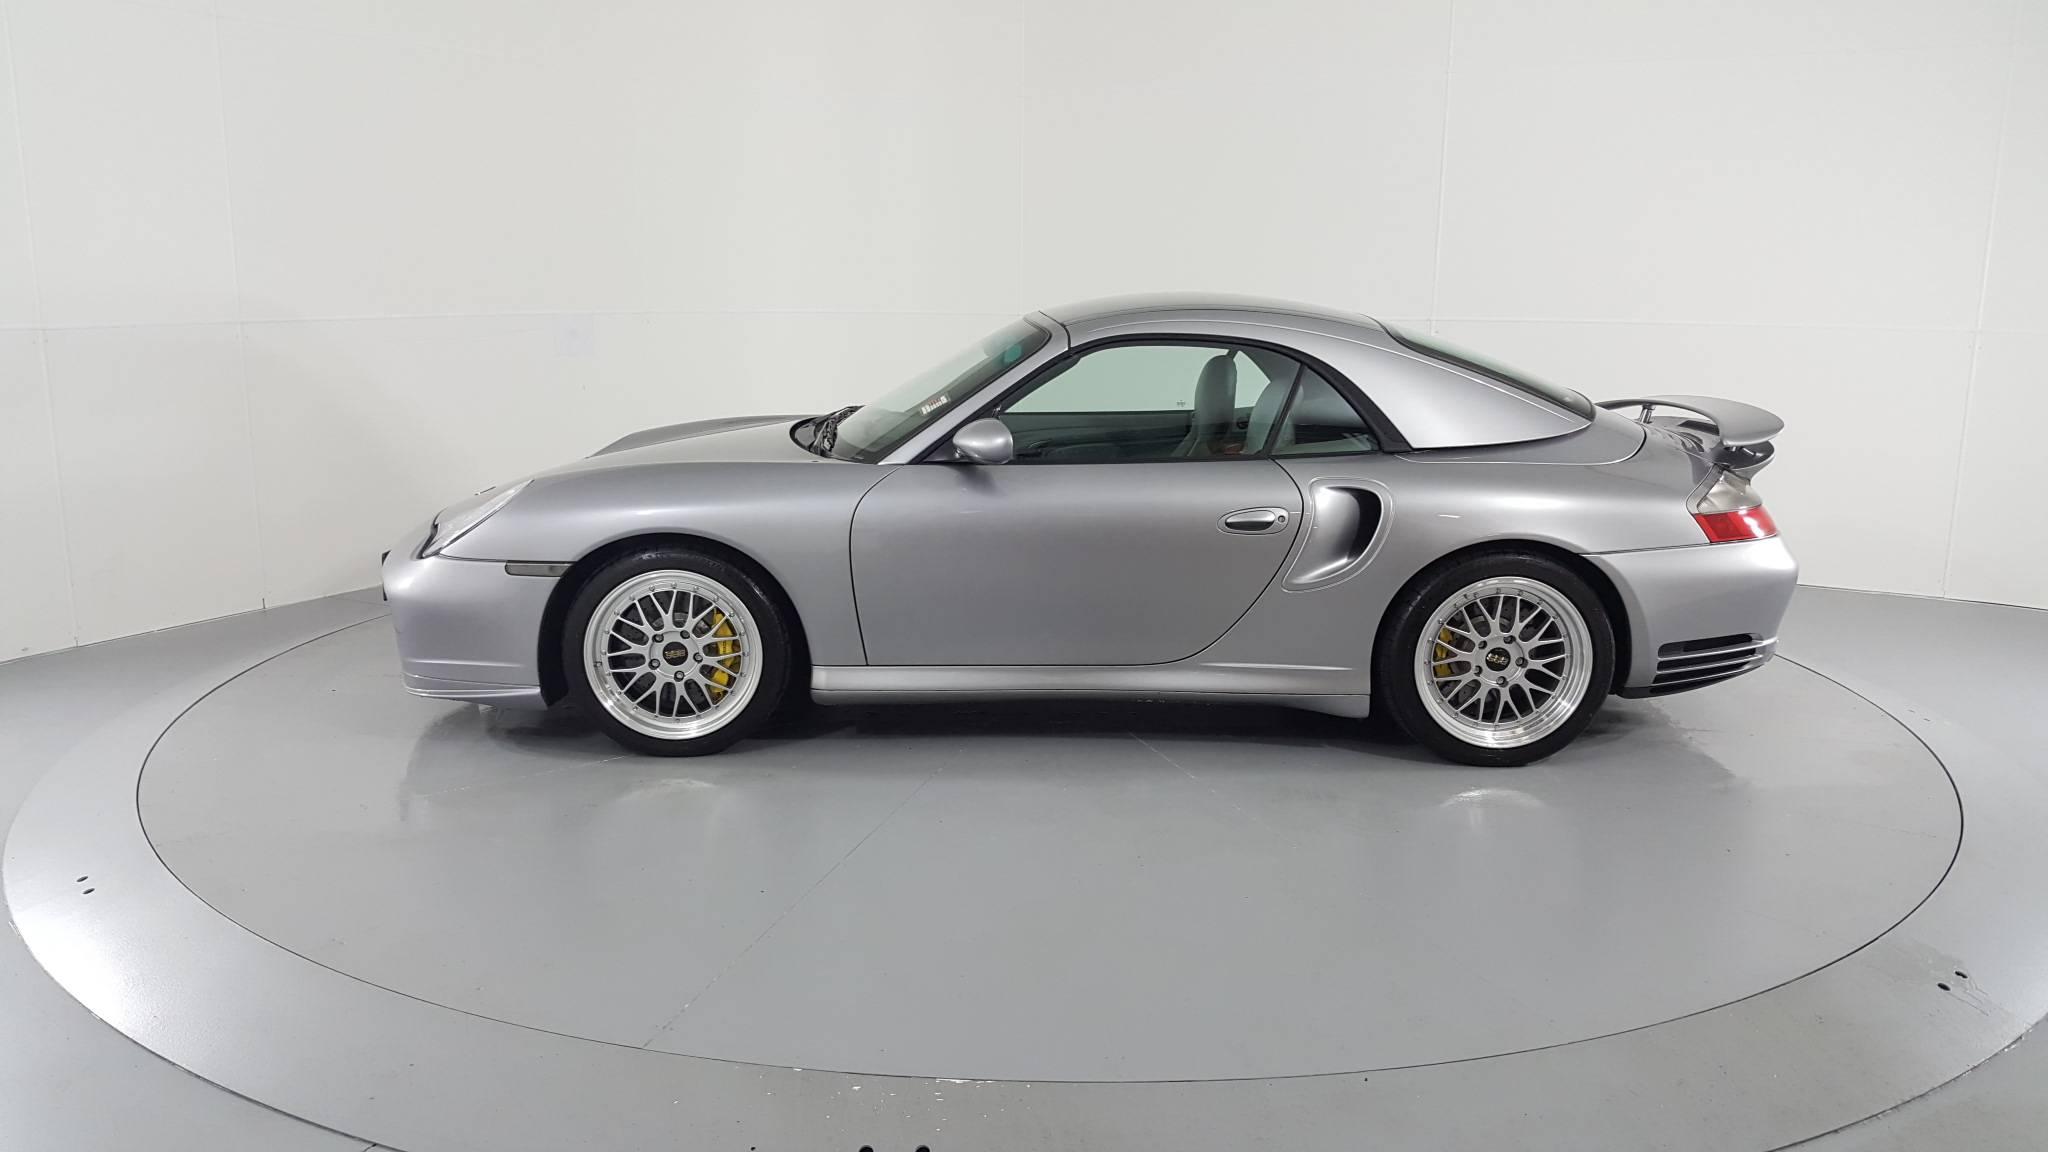 Pre-Owned 2005 Porsche 911 Turbo S